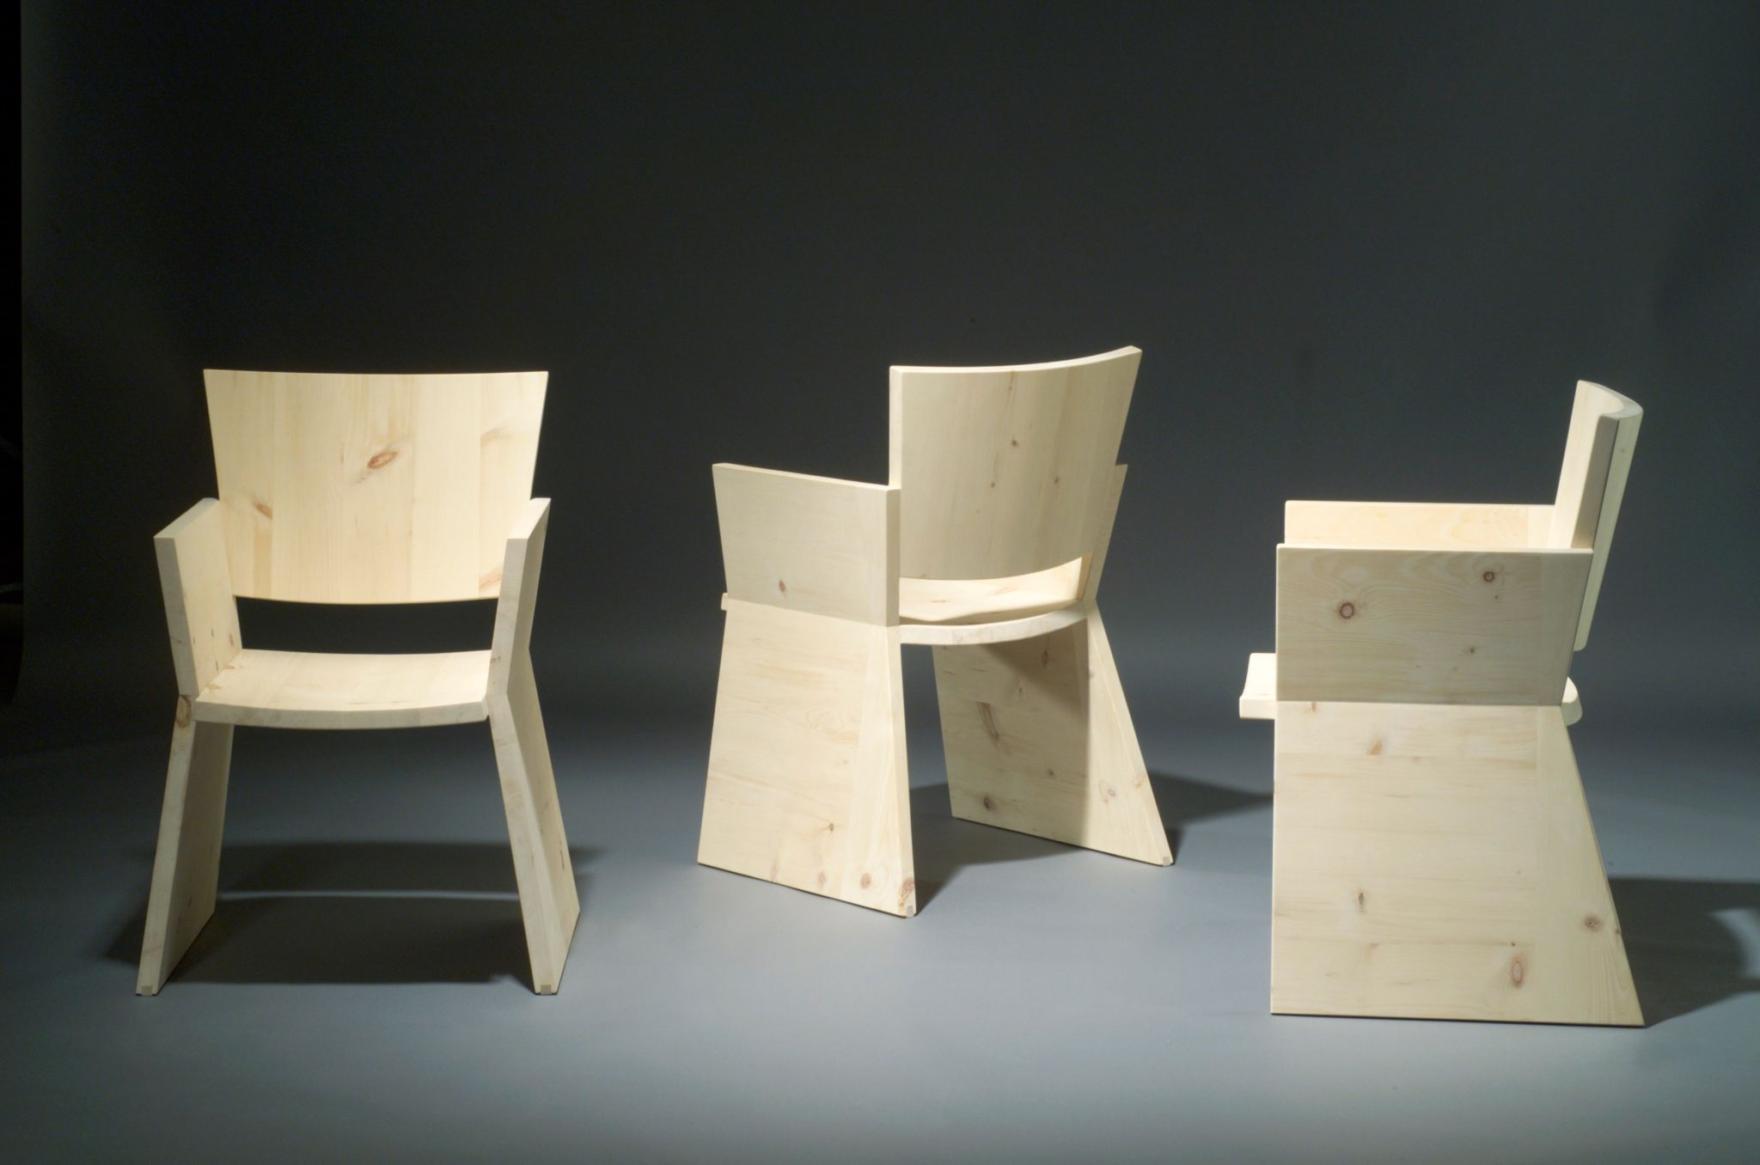 stuhl-sezun-2001-foto-stefan-rohner